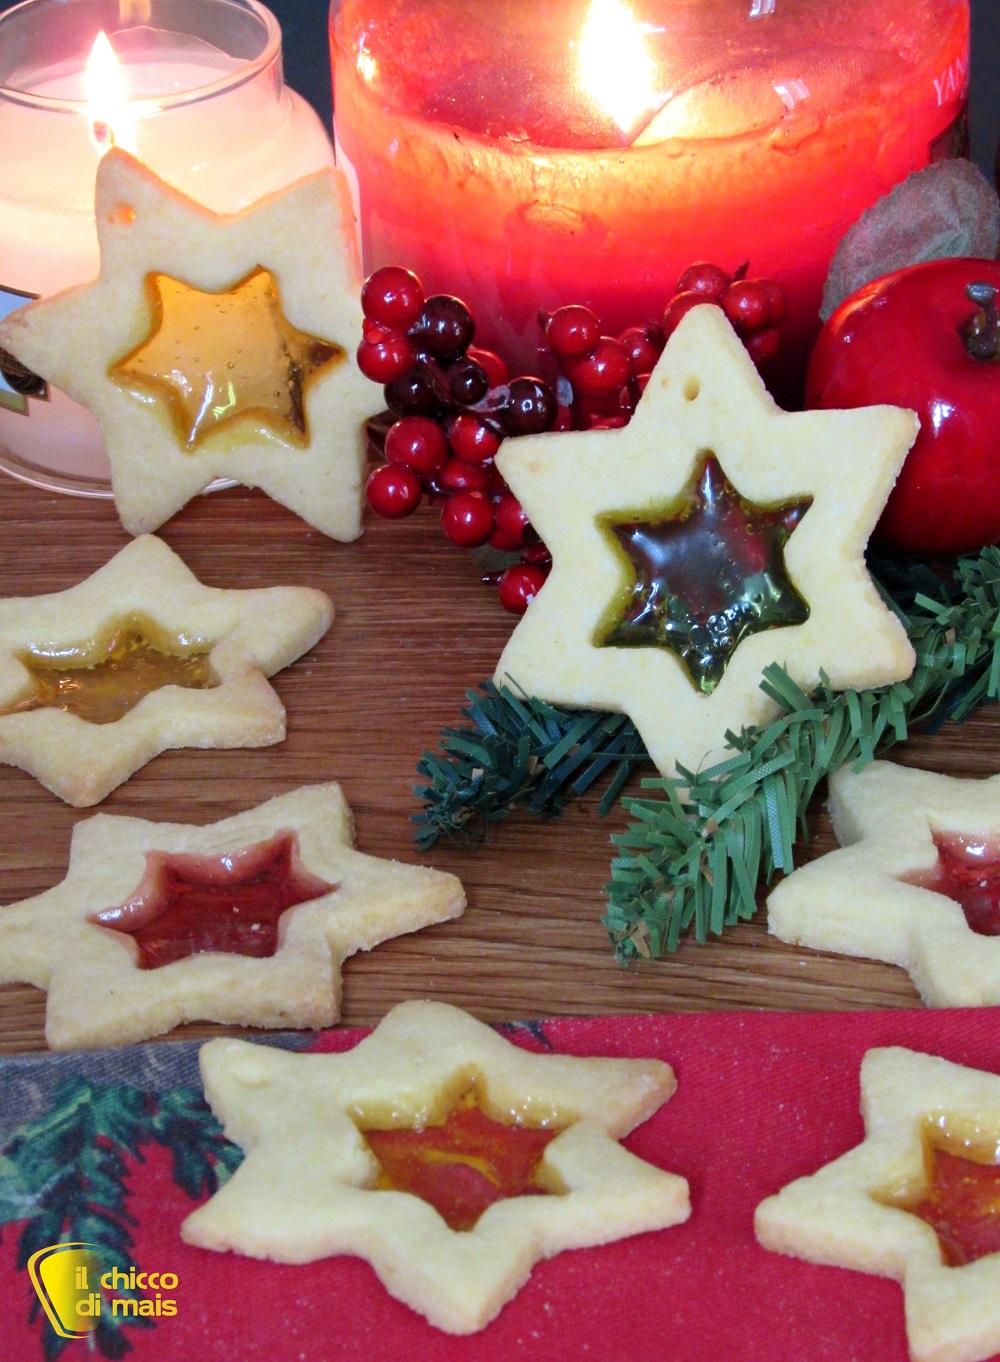 verticale_Biscotti di vetro natalizi con caramelle gommose da appendere all'albero di Natale ricetta facile il chicco di mais